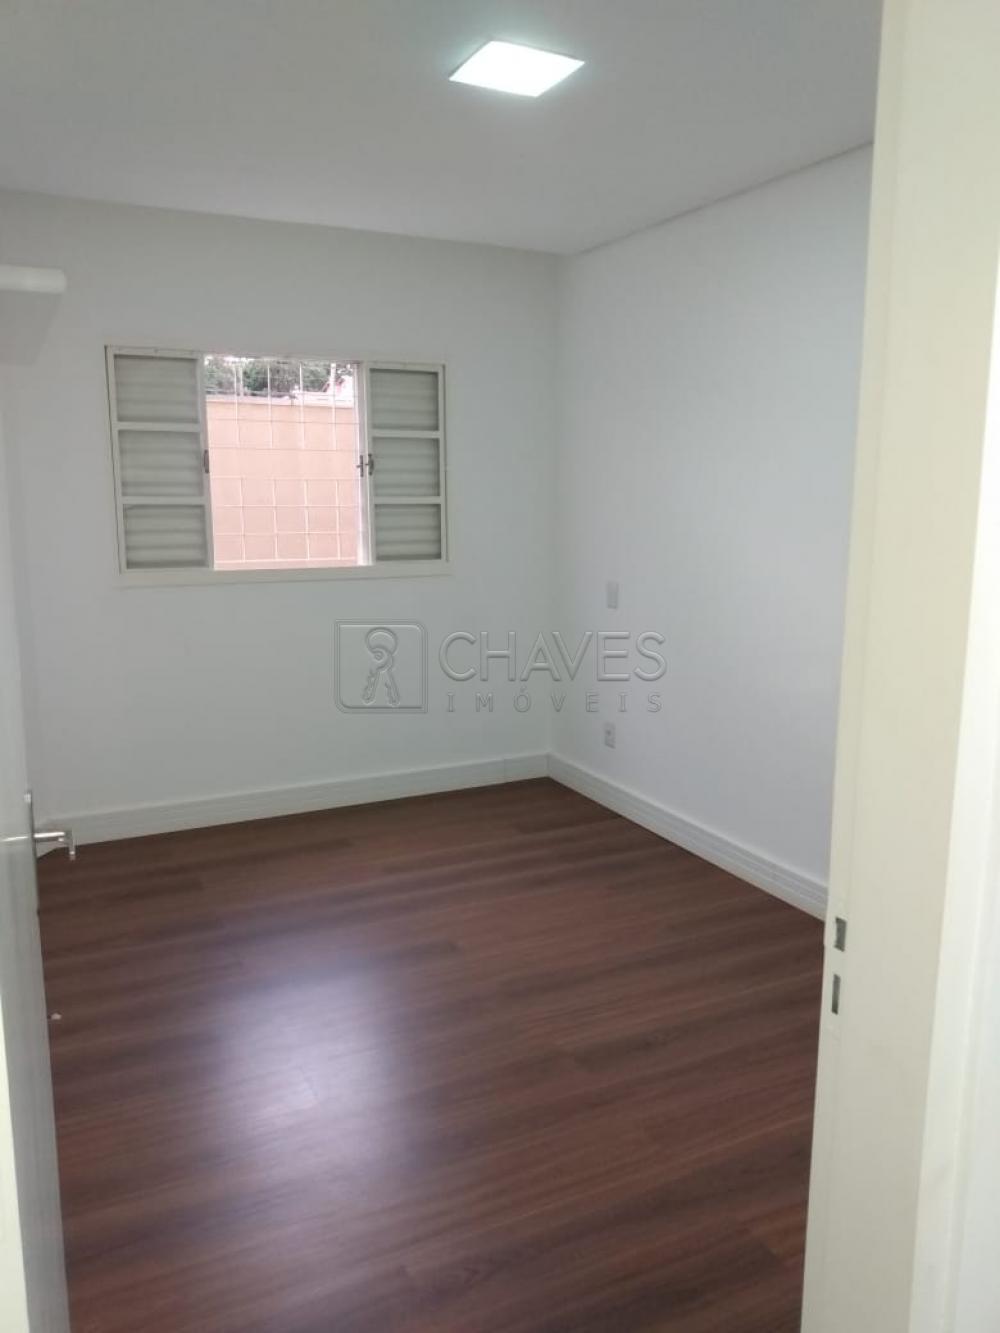 Comprar Apartamento / Padrão em Brodowski R$ 150.000,00 - Foto 11